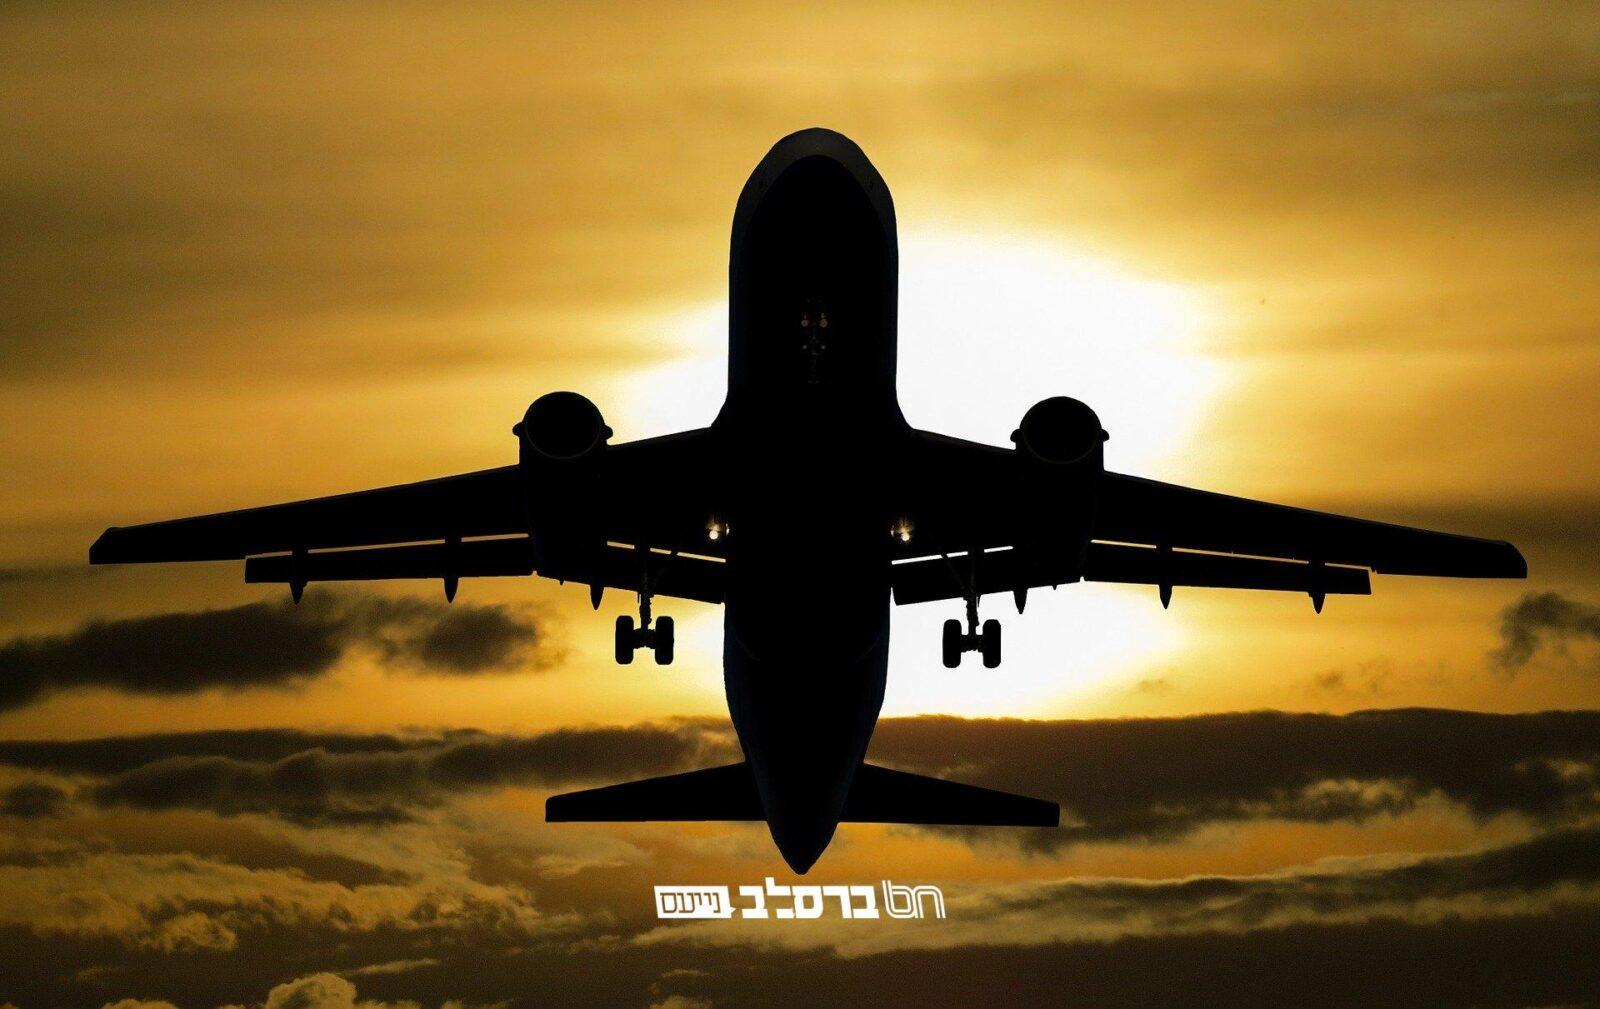 """הטיסות לאומן: """"טיסות לאוקראינה לא יחודשו בחודש מאי""""; אולי במהלך הקיץ • פרטים חדשים"""